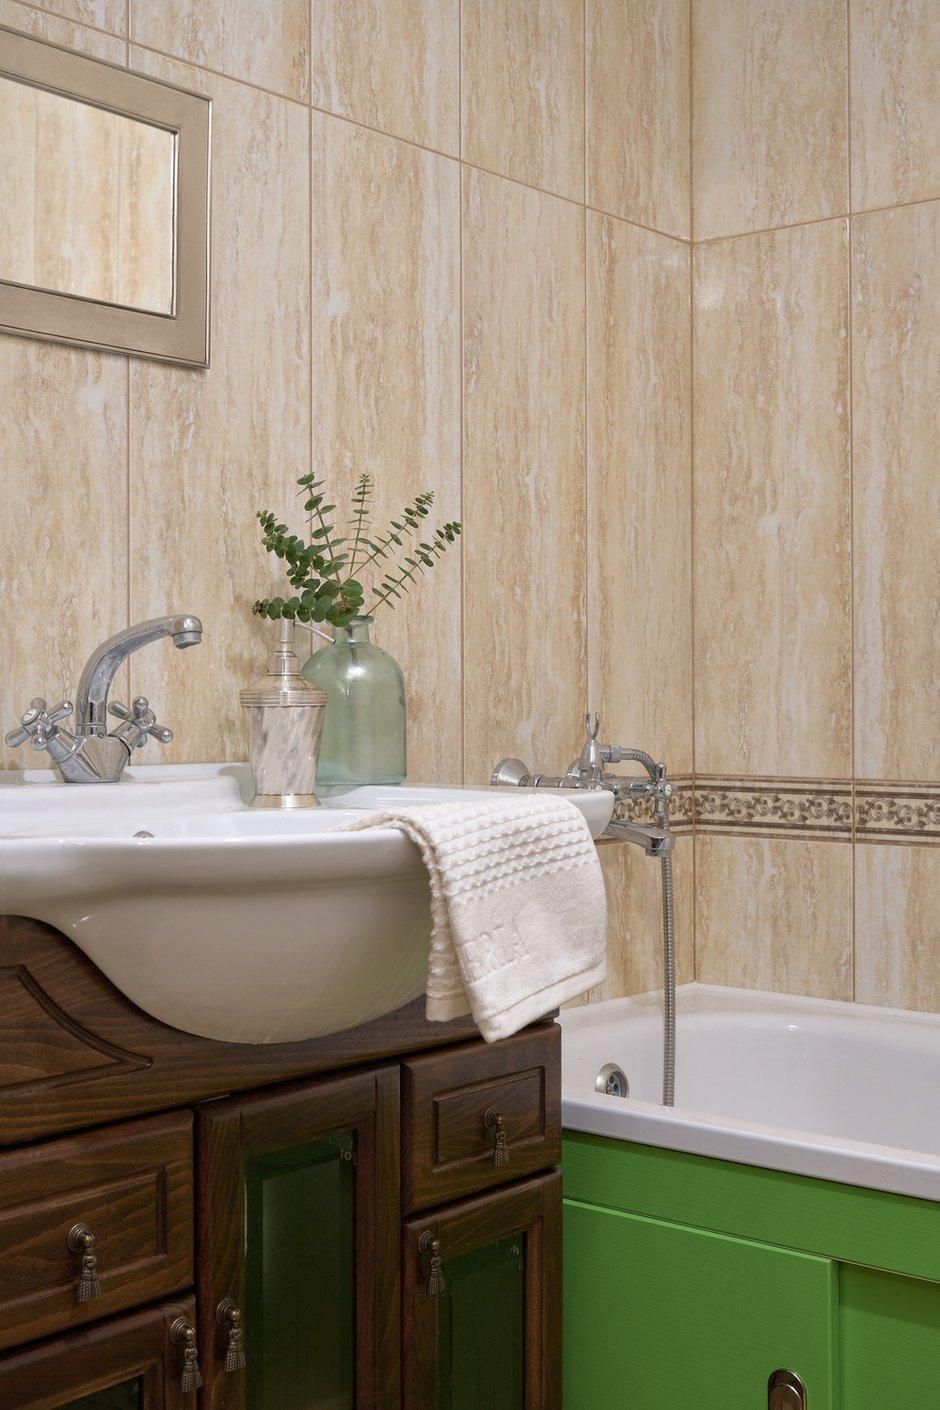 Фотография: Ванная в стиле Прованс и Кантри, Квартира, Проект недели, Красногорск, 3 комнаты, 60-90 метров, Более 90 метров, Евгения Ивлиева – фото на INMYROOM